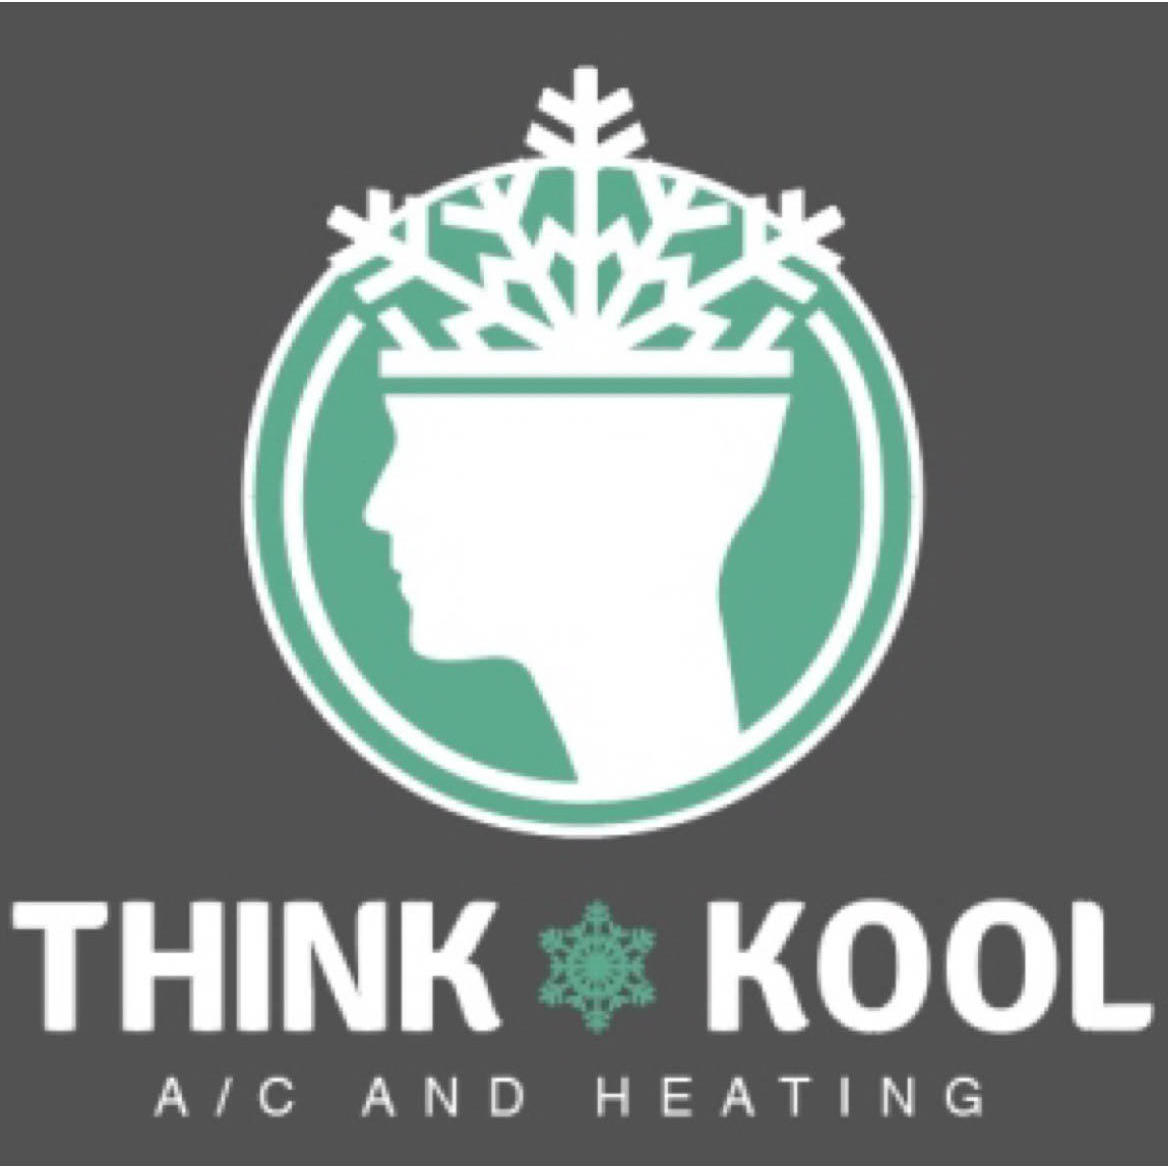 Think Kool